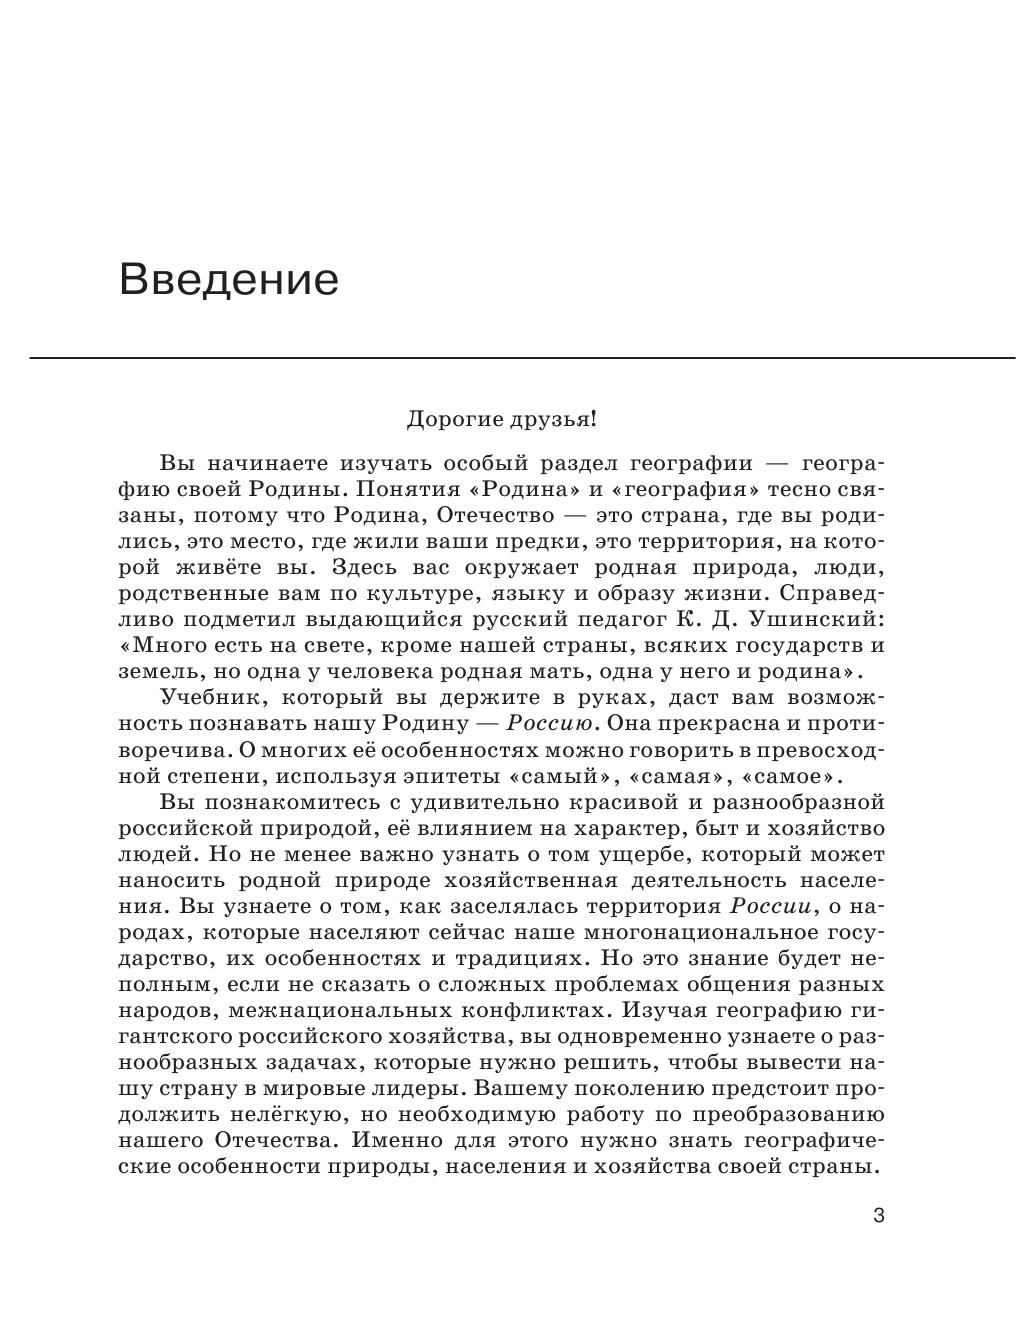 Комспект по геоографии 8 класса по 10 порагрофу 2018год и.и.баринова